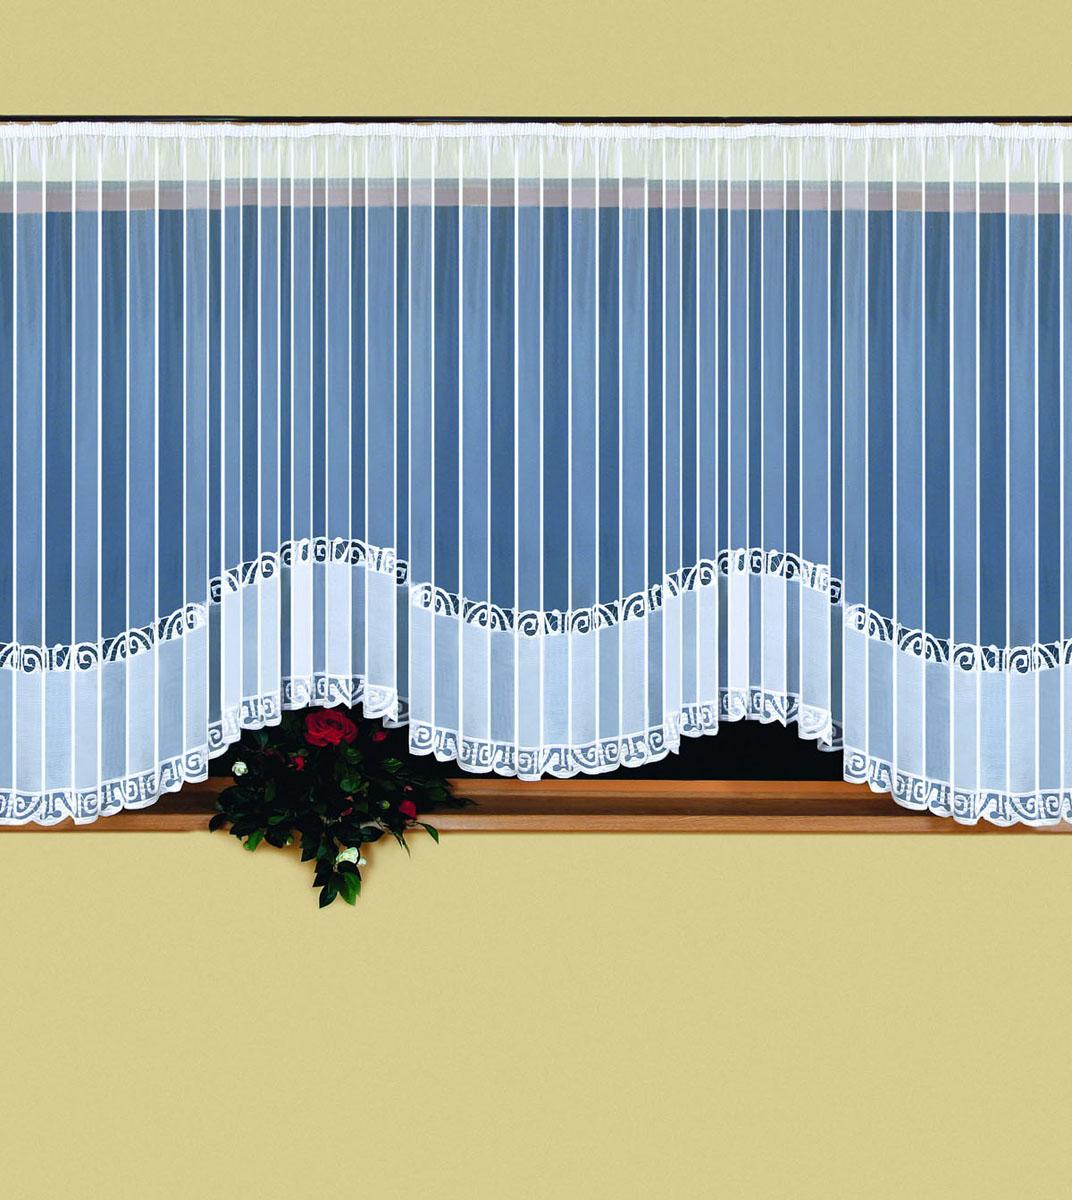 Гардина Weranika, на ленте, цвет: белый, 600 см х 150 см524839Воздушная гардина Weranika, изготовленная из полиэстера белого цвета, станет великолепным украшением любого окна. Тонкое плетение, оригинальный дизайн и приятная цветовая гамма привлекут к себе внимание и органично впишутся в интерьер комнаты. В гардину вшита шторная лента. Фирма Wisan на польском рынке существует уже более пятидесяти лет и является одной из лучших польских фабрик по производству штор и тканей. Ассортимент фирмы представлен готовыми комплектами штор для гостиной, детской, кухни, а также текстилем для кухни (скатерти, салфетки, дорожки, кухонные занавески). Модельный ряд отличает оригинальный дизайн, высокое качество. Ассортимент продукции постоянно пополняется. Характеристики: Материал: 100% полиэстер. Цвет: белый. Размер упаковки: 32 см х 5 см х 25 см. Артикул: 524839. В комплект входит: Гардина - 1 шт. Размер (ШхВ): 600 см х 150 см.